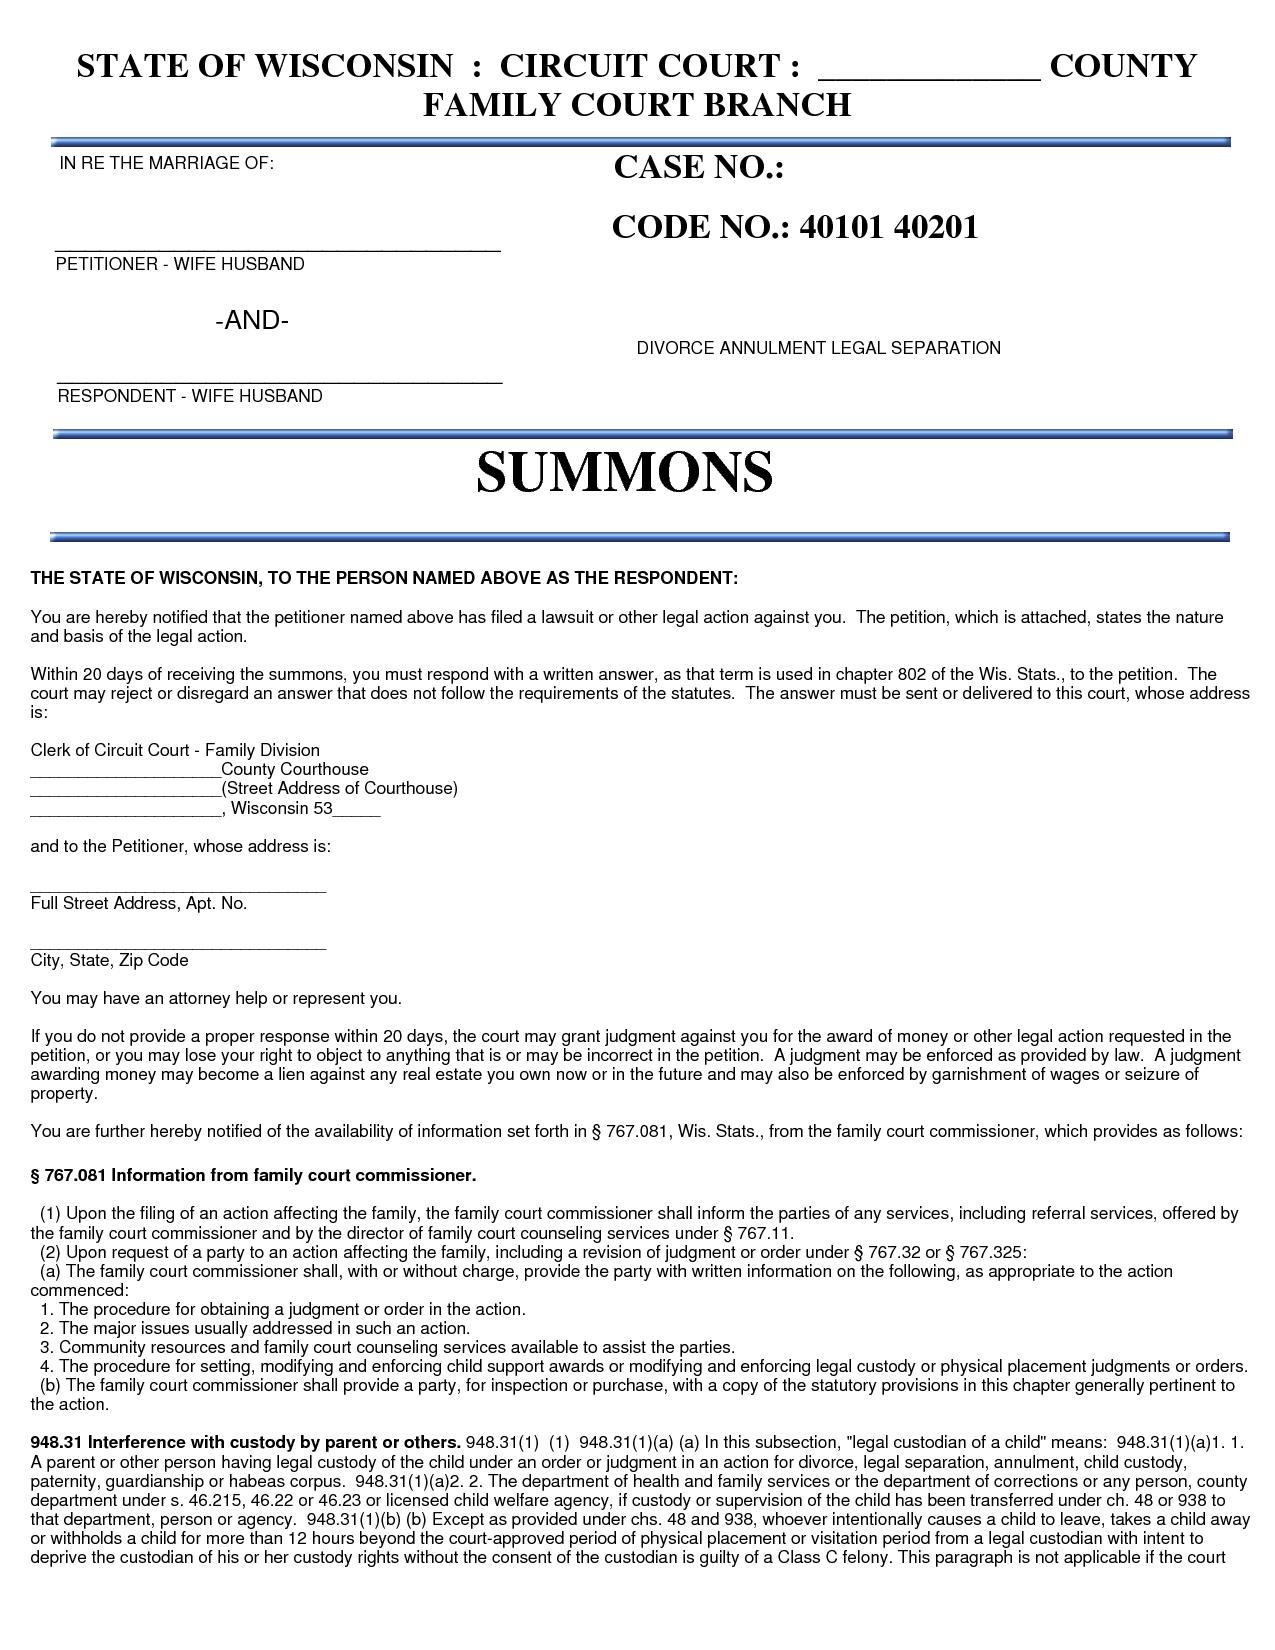 Printable Mississippi Divorce Forms